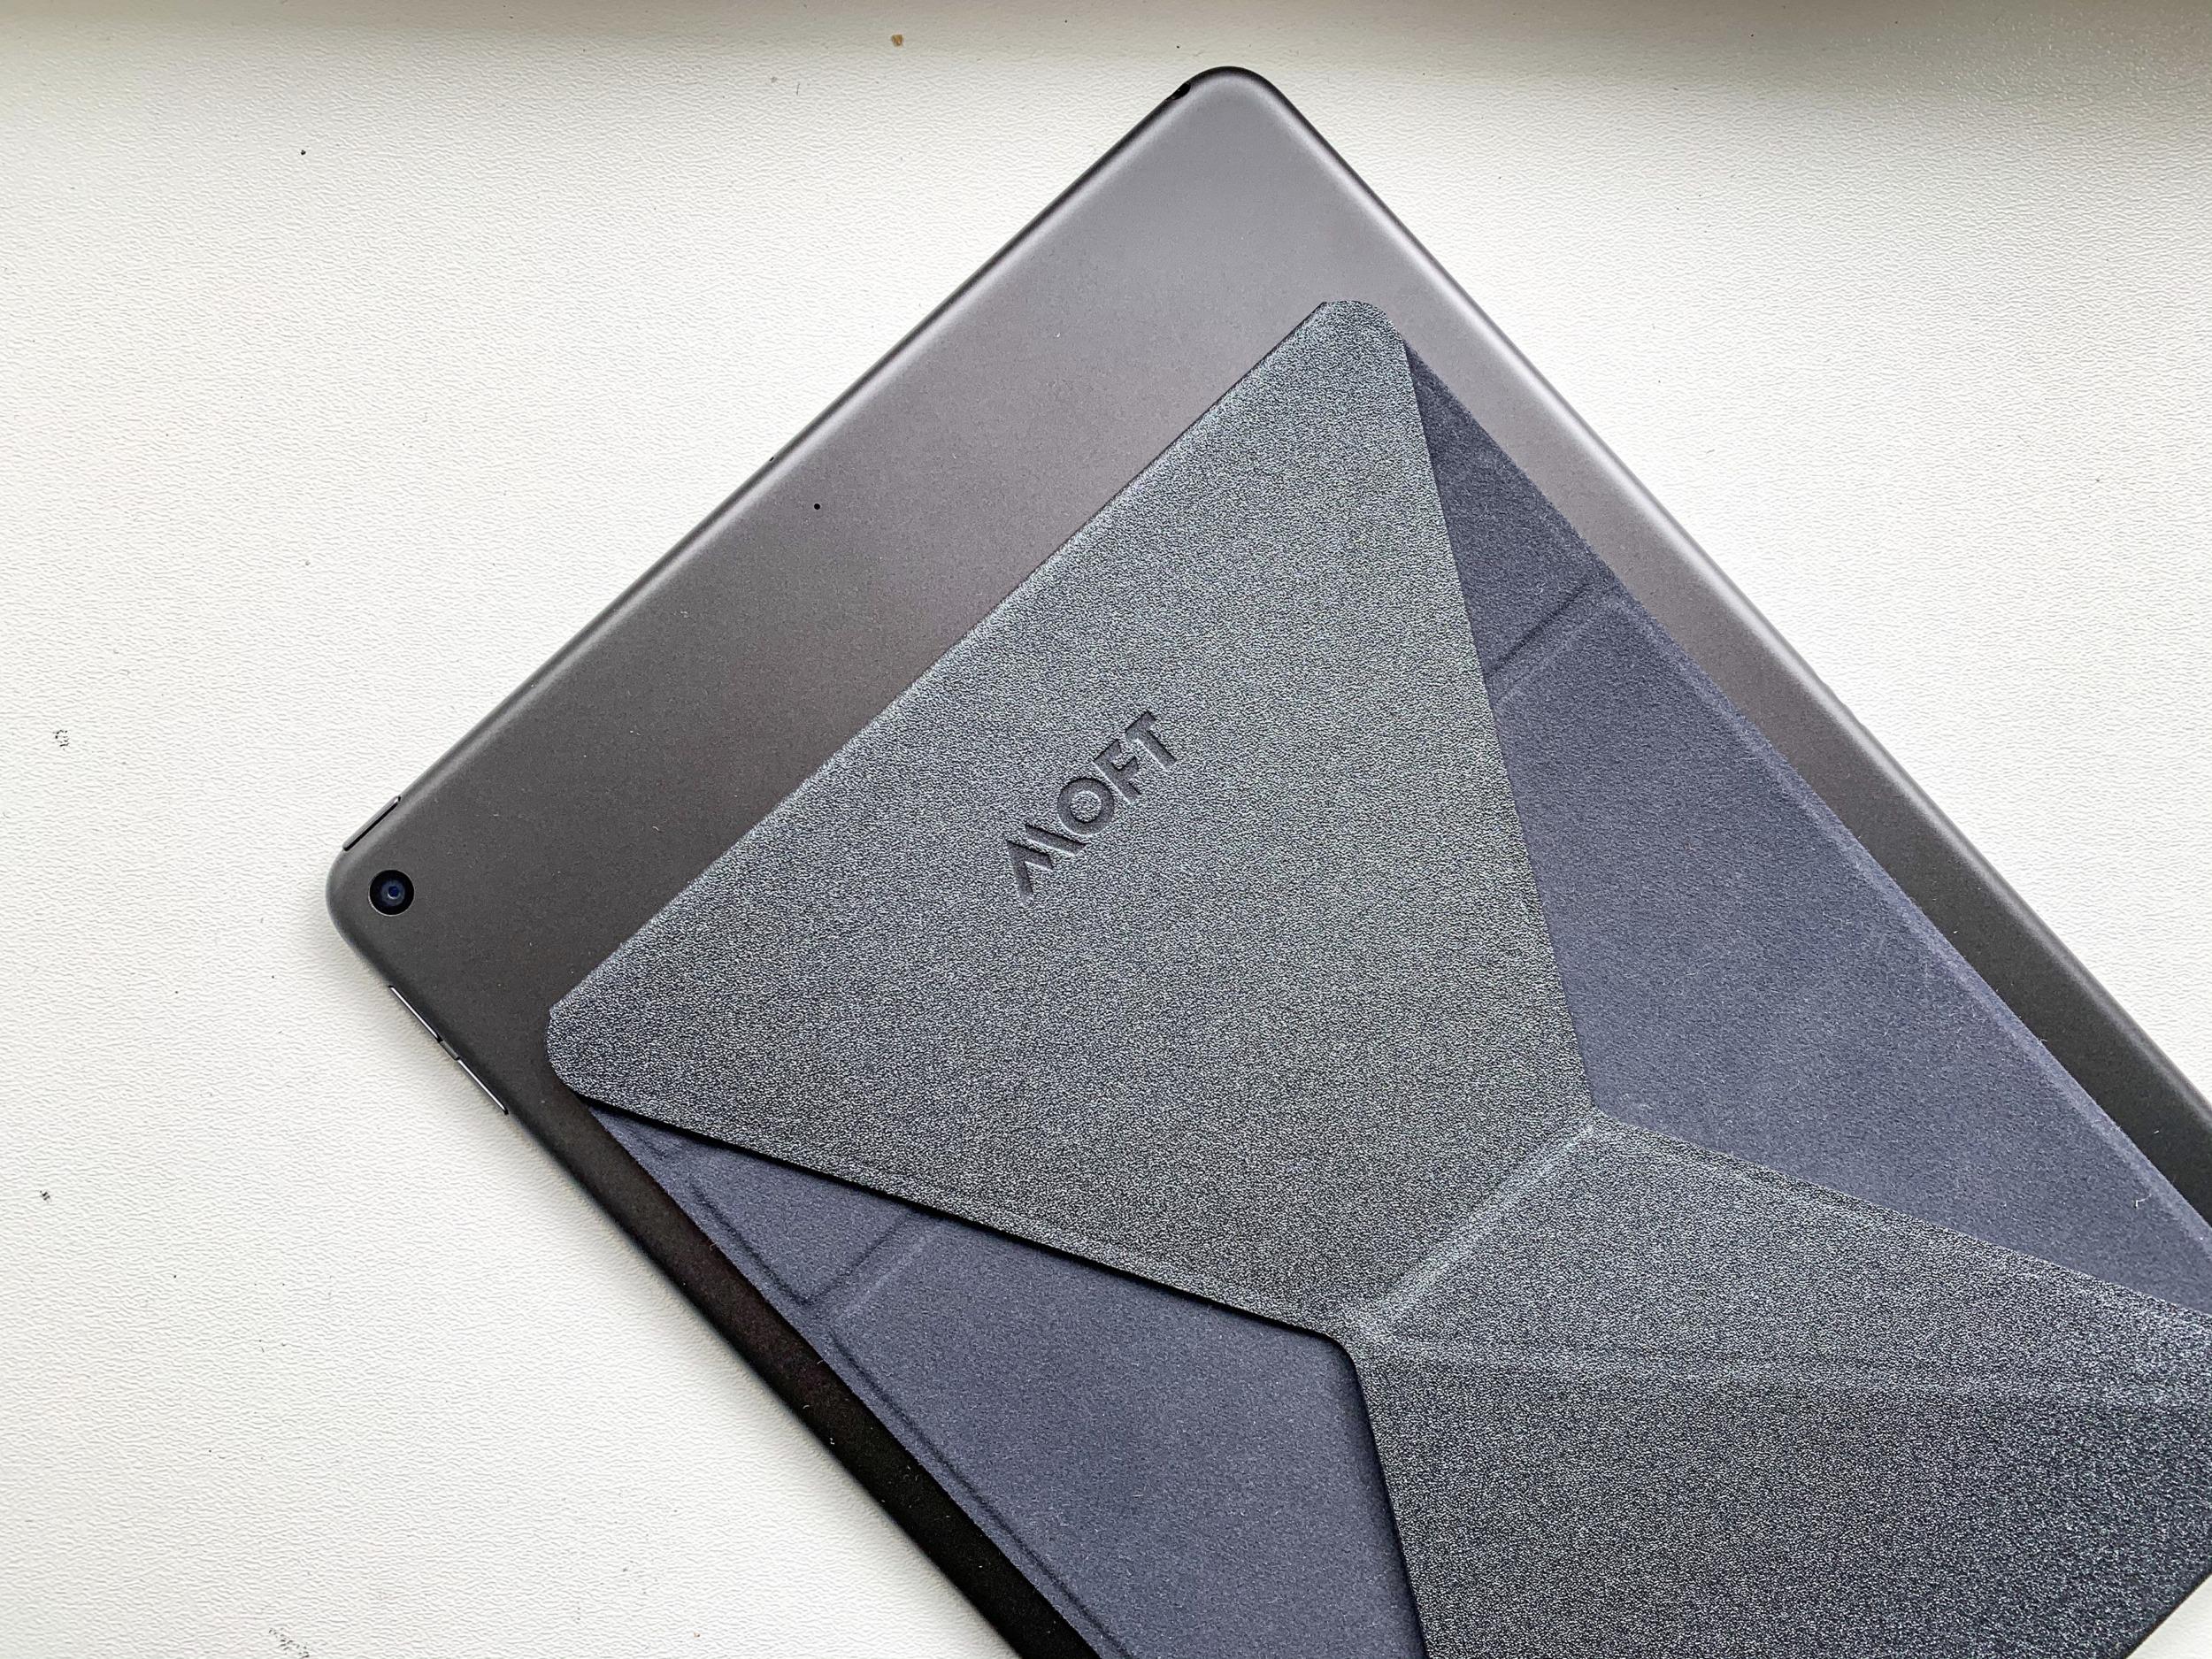 Moft X – skvělá alternativa k Apple příslušenství [recenze]